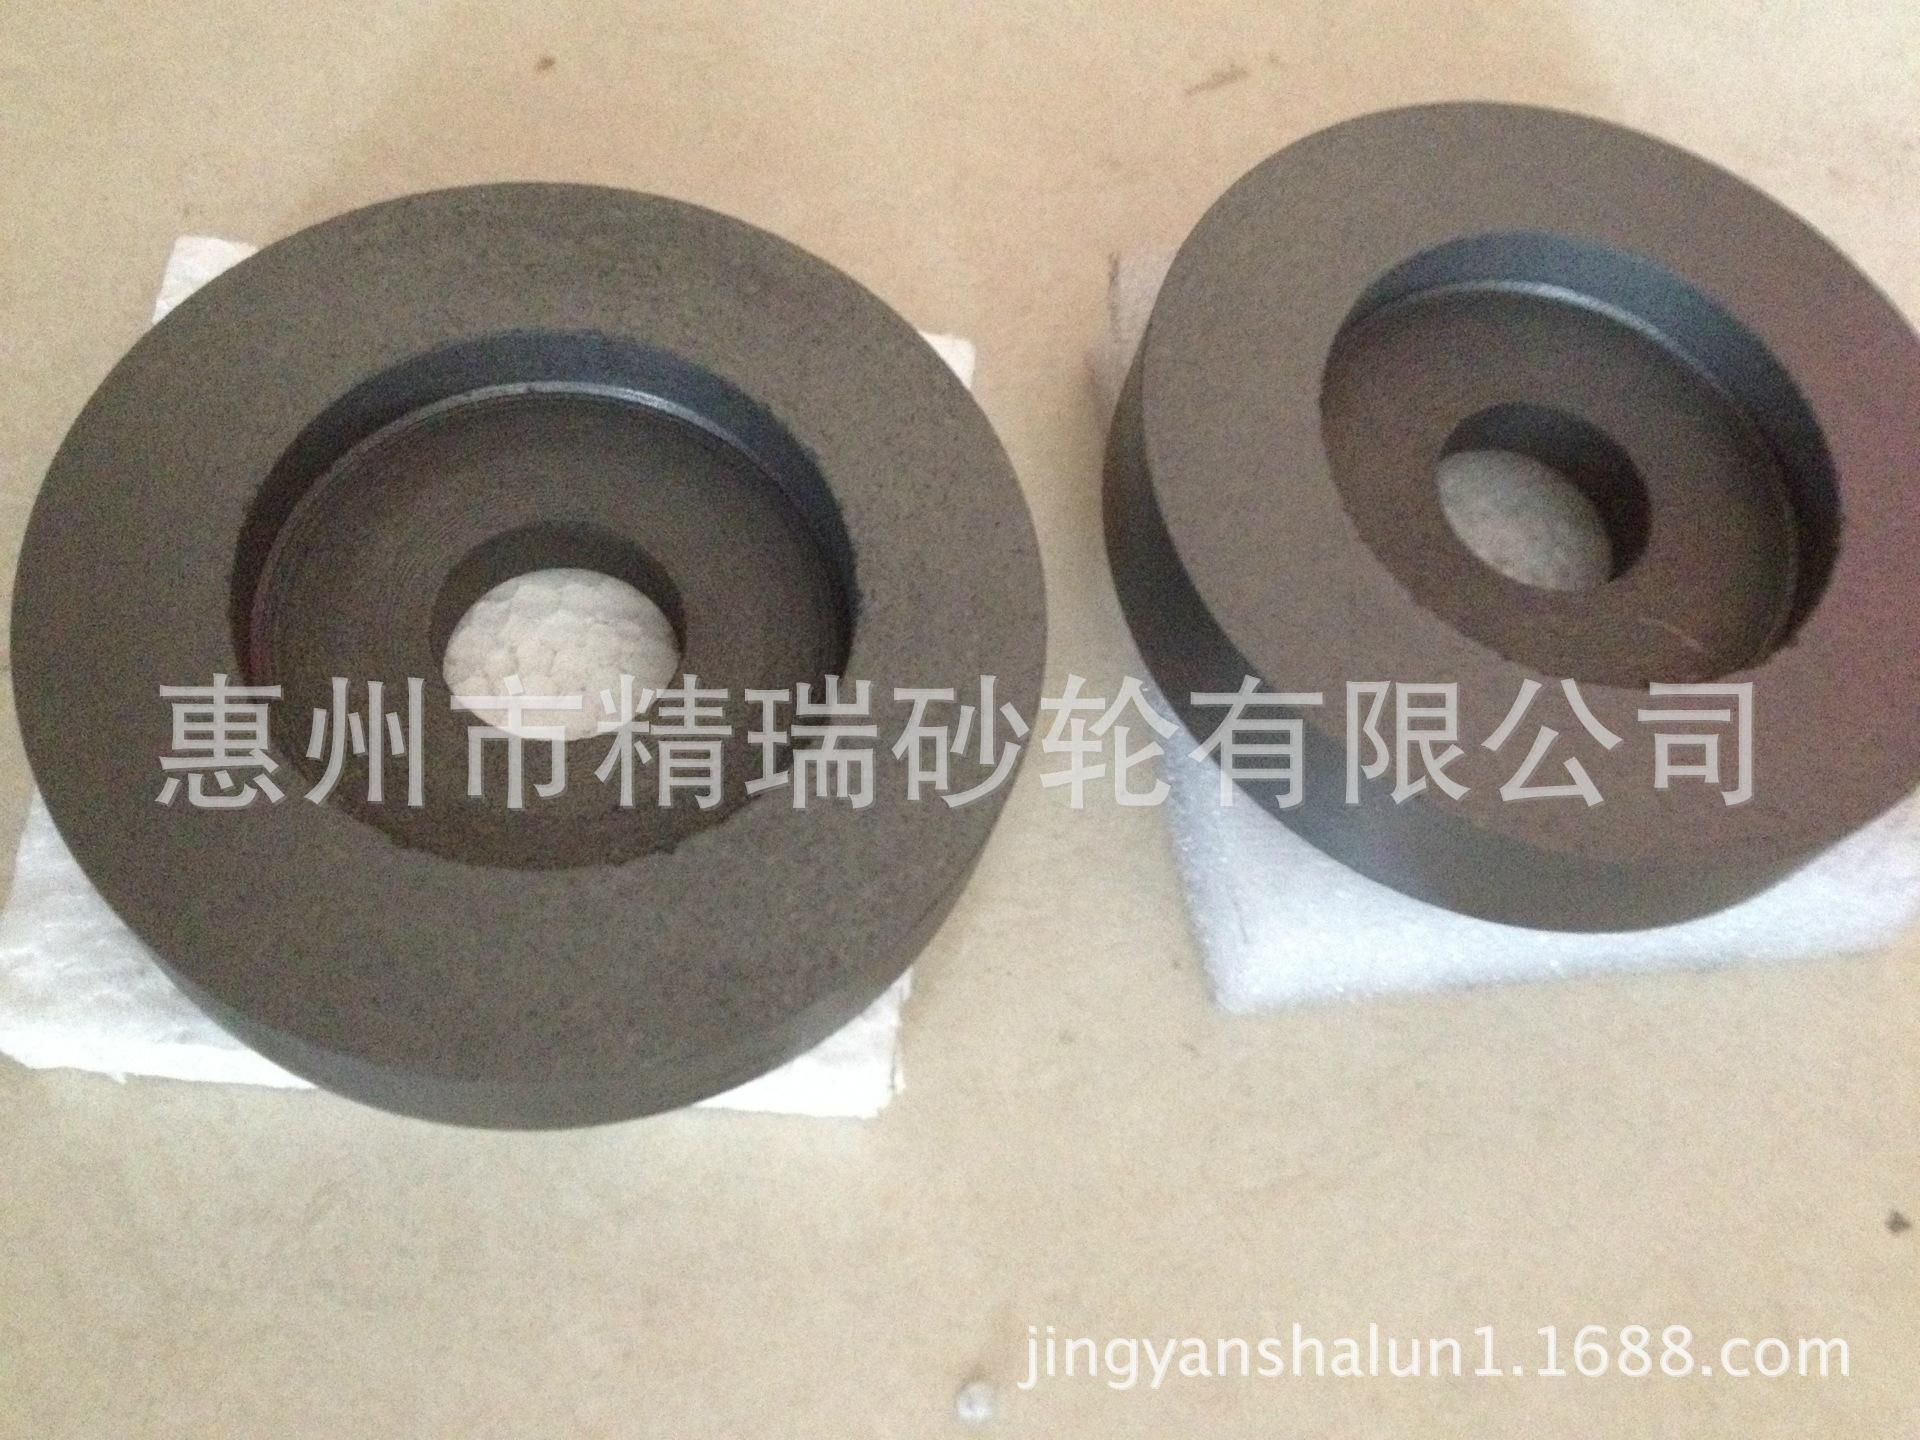 冲子机研磨砂轮,单面凹石墨镜面抛光轮,冲子研磨机配套用